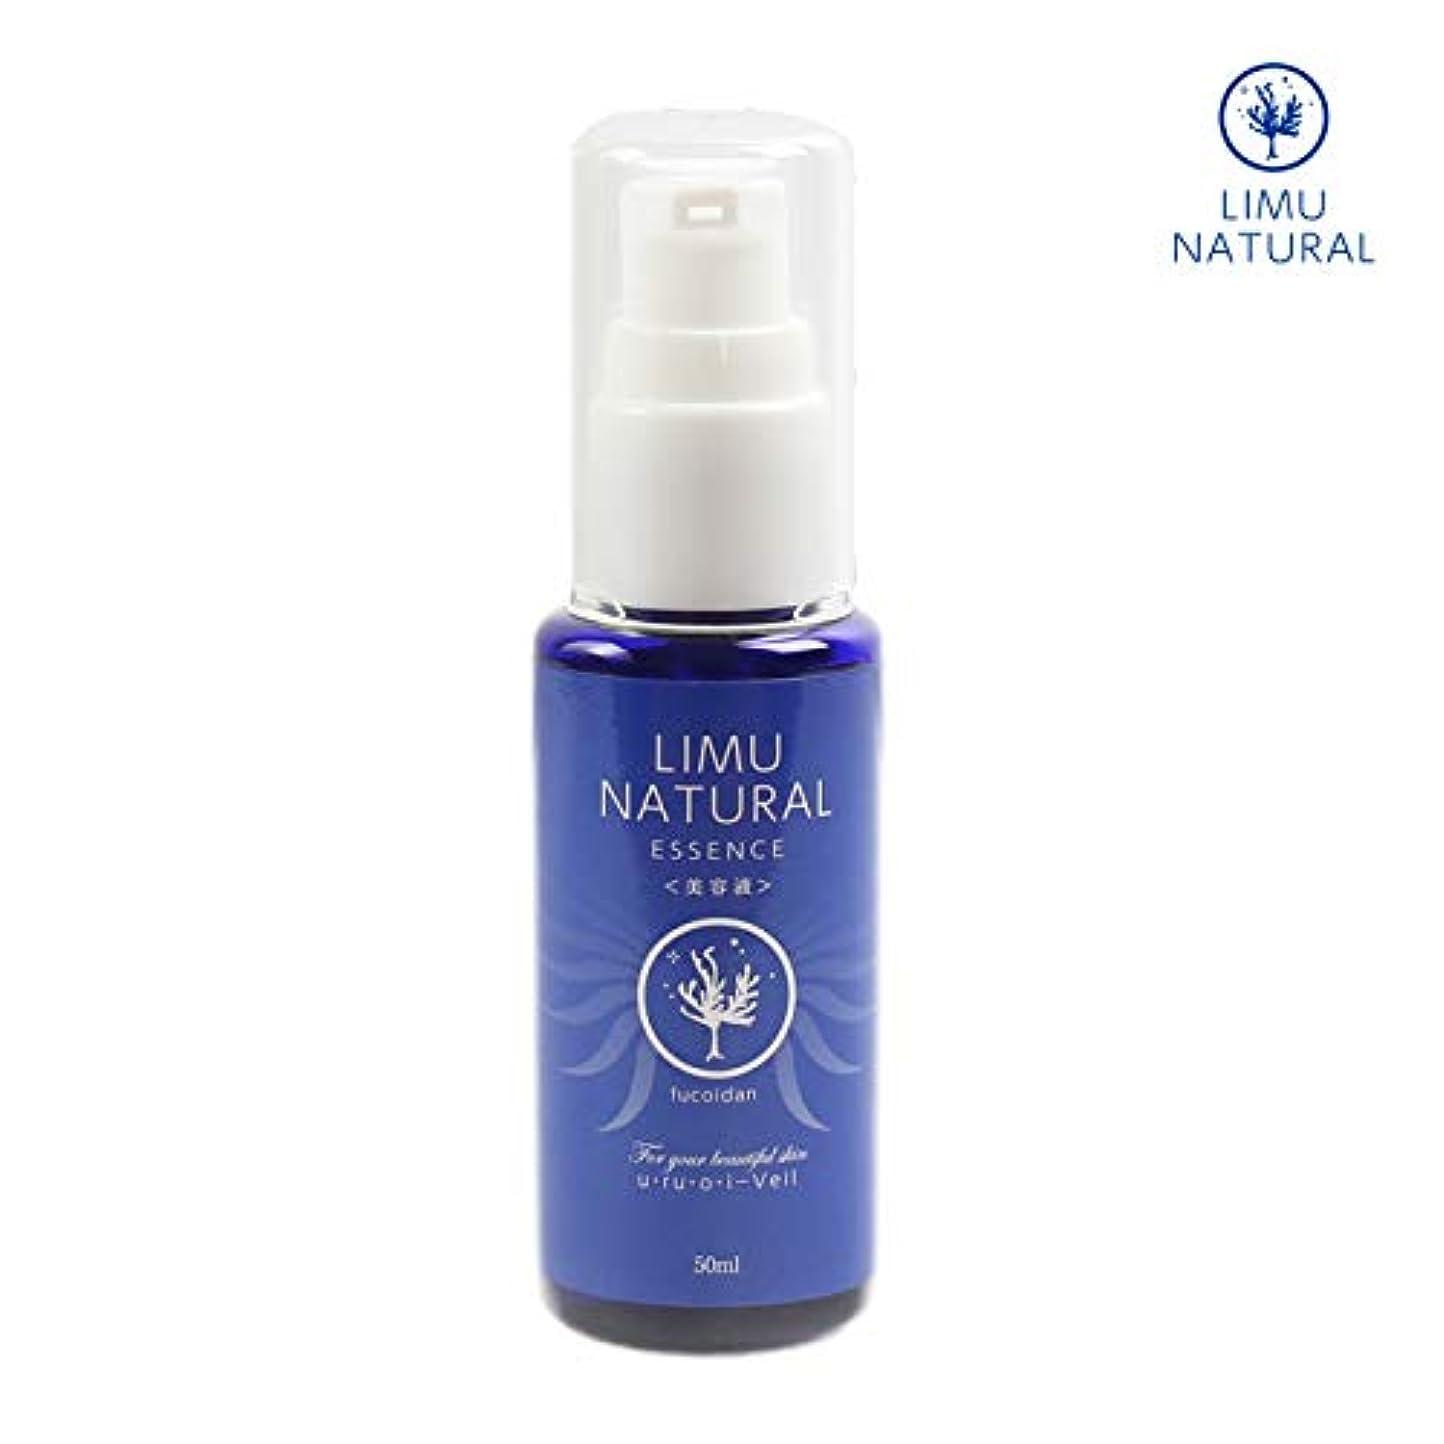 万歳やがてビュッフェリムナチュラル 高濃度美容液 LIMU NATURAL ESSENCE (50ml) 「美白&保湿」「フコイダン」+「グリセリルグルコシド」を贅沢に配合